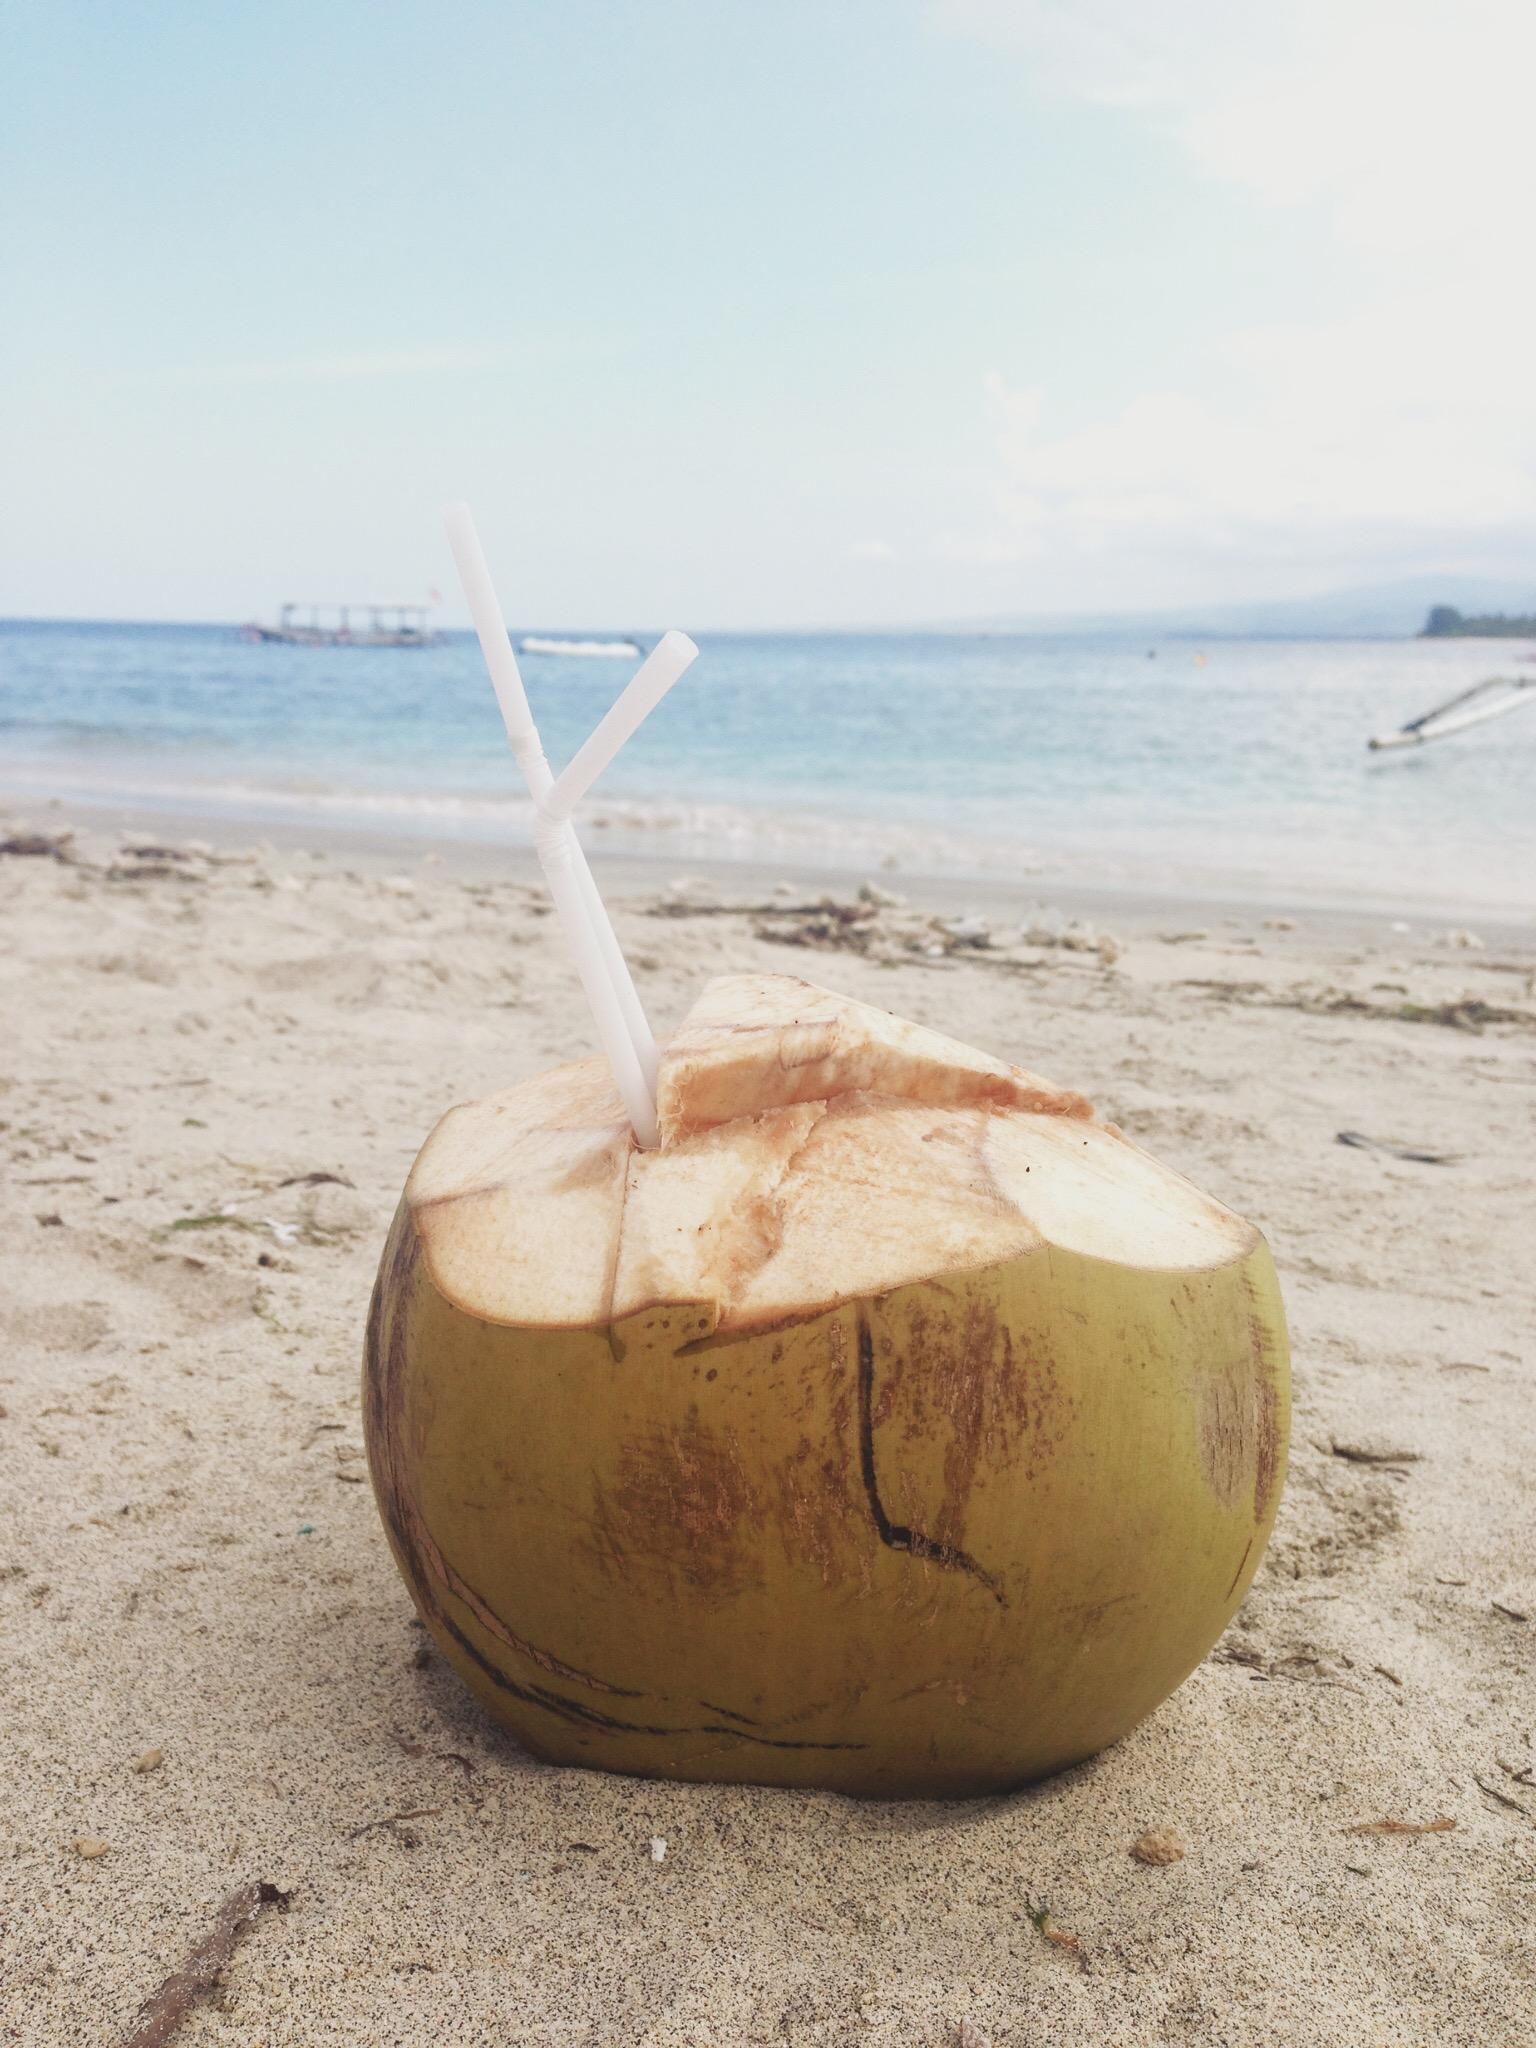 coconut-time-gili-air.jpg